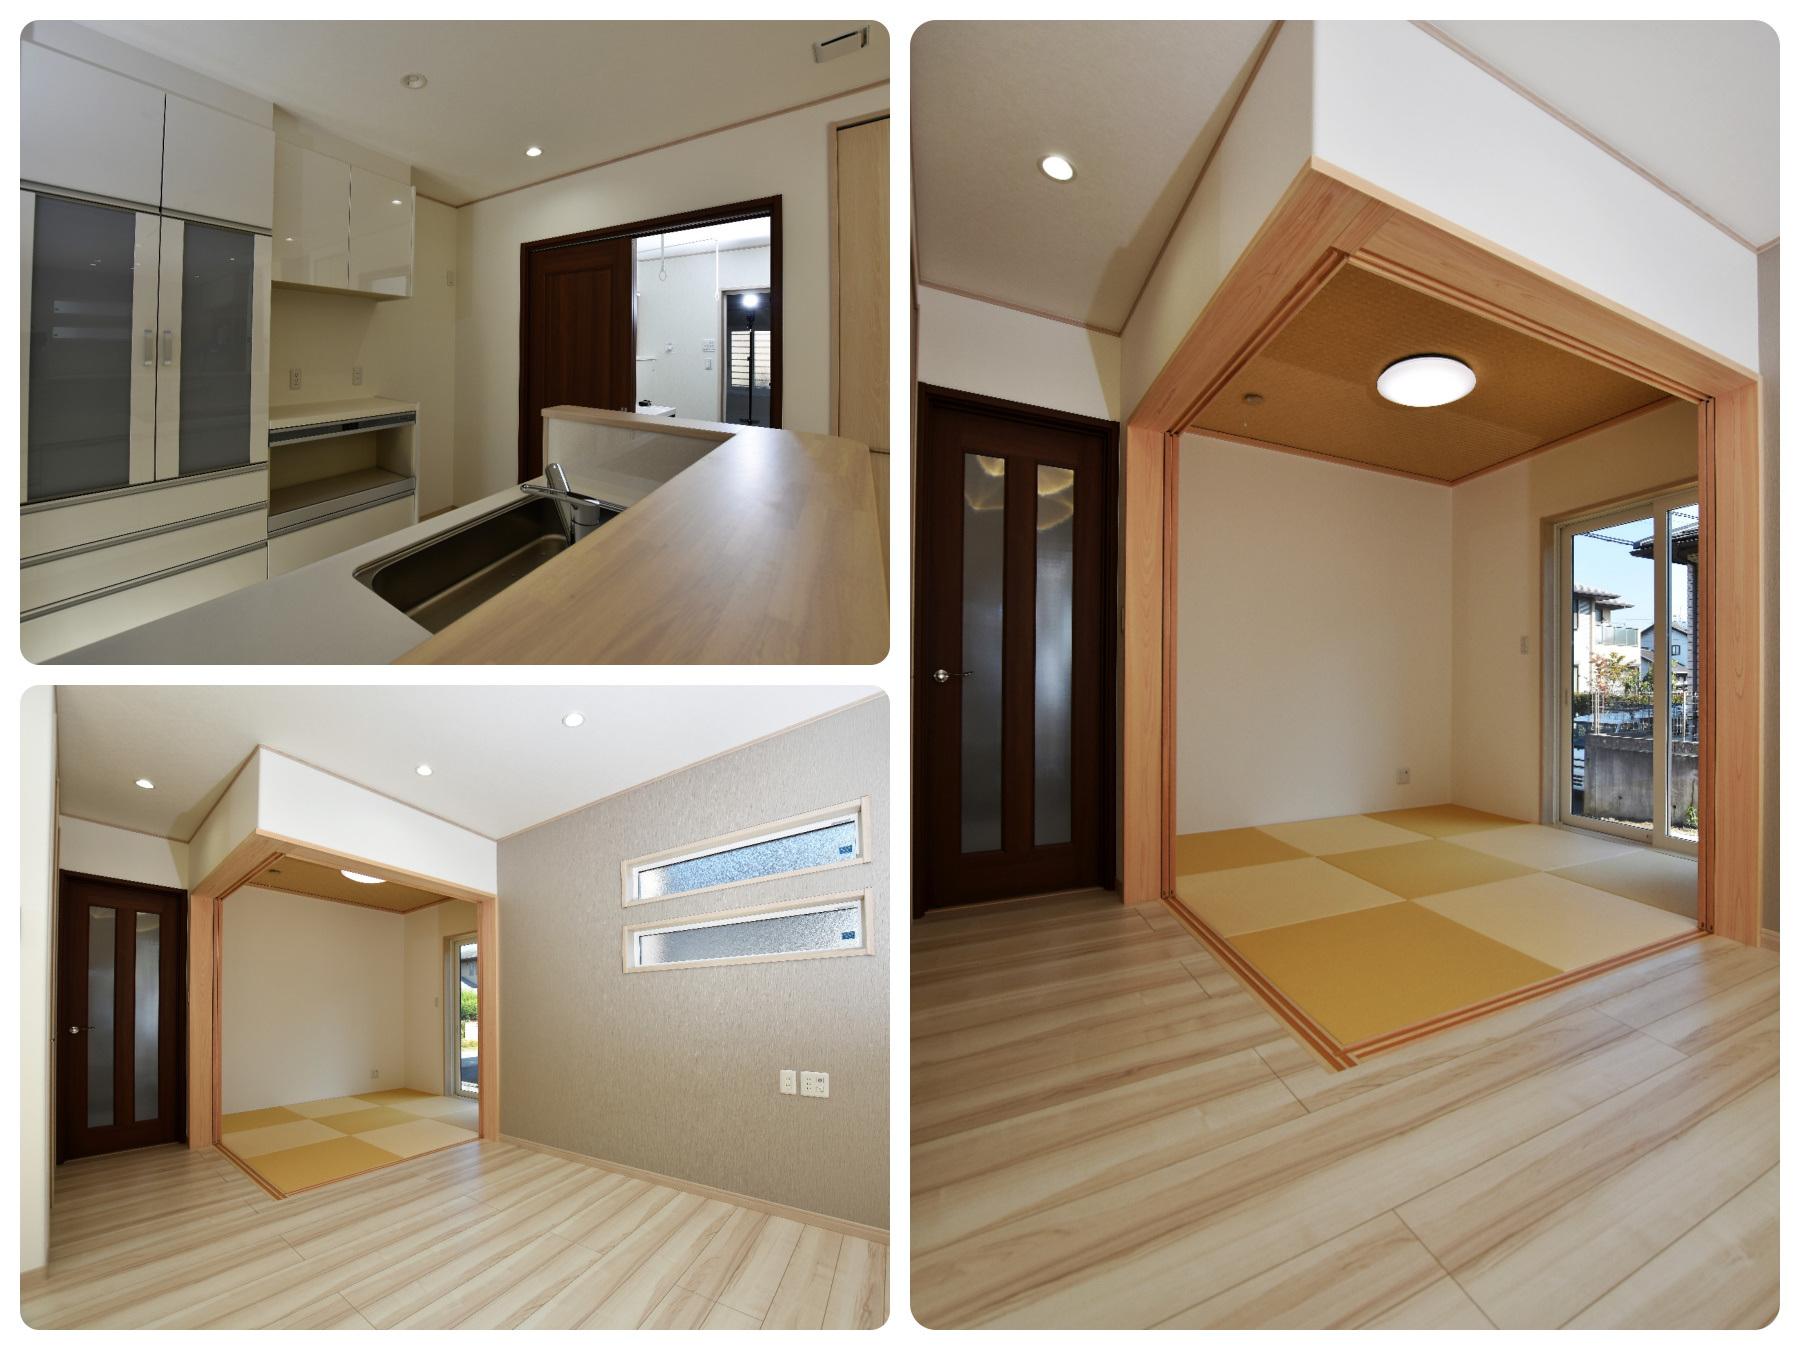 中安様邸和室キッチン01_01